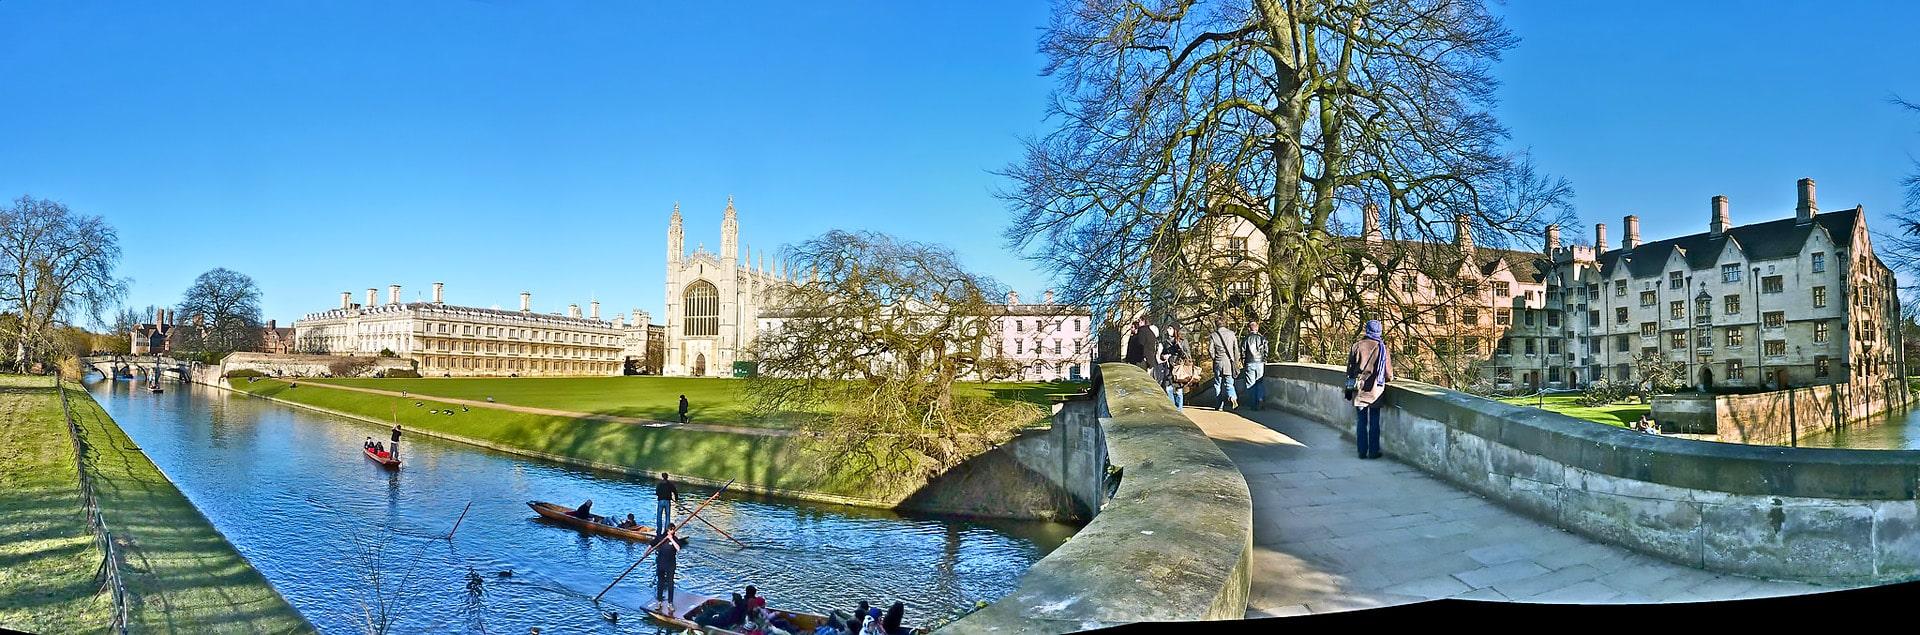 Escuela de inglés en Cambridge | EC English Cambridge